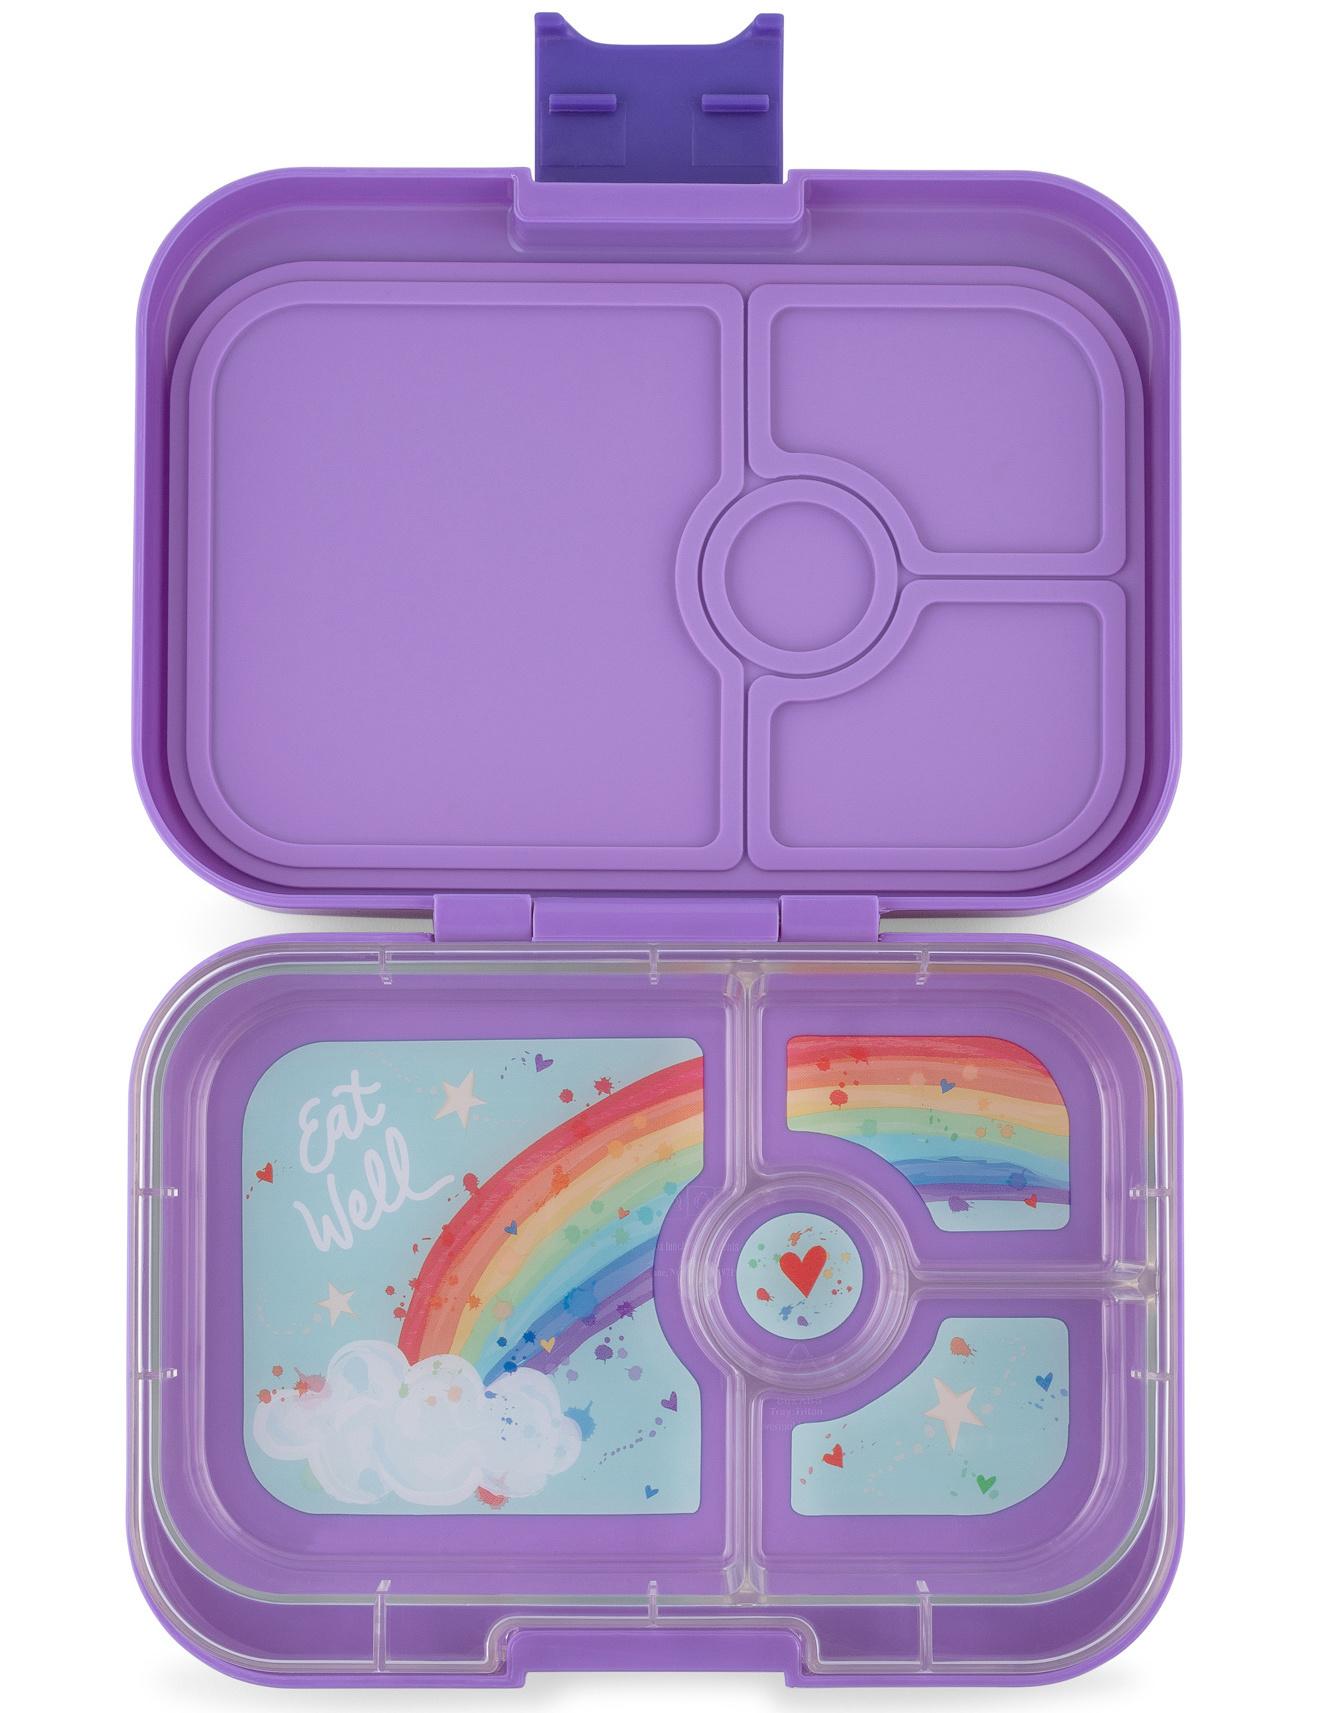 Yumbox Panino broodtrommel 4 vakken Dreamy paars / Rainbow tray-1